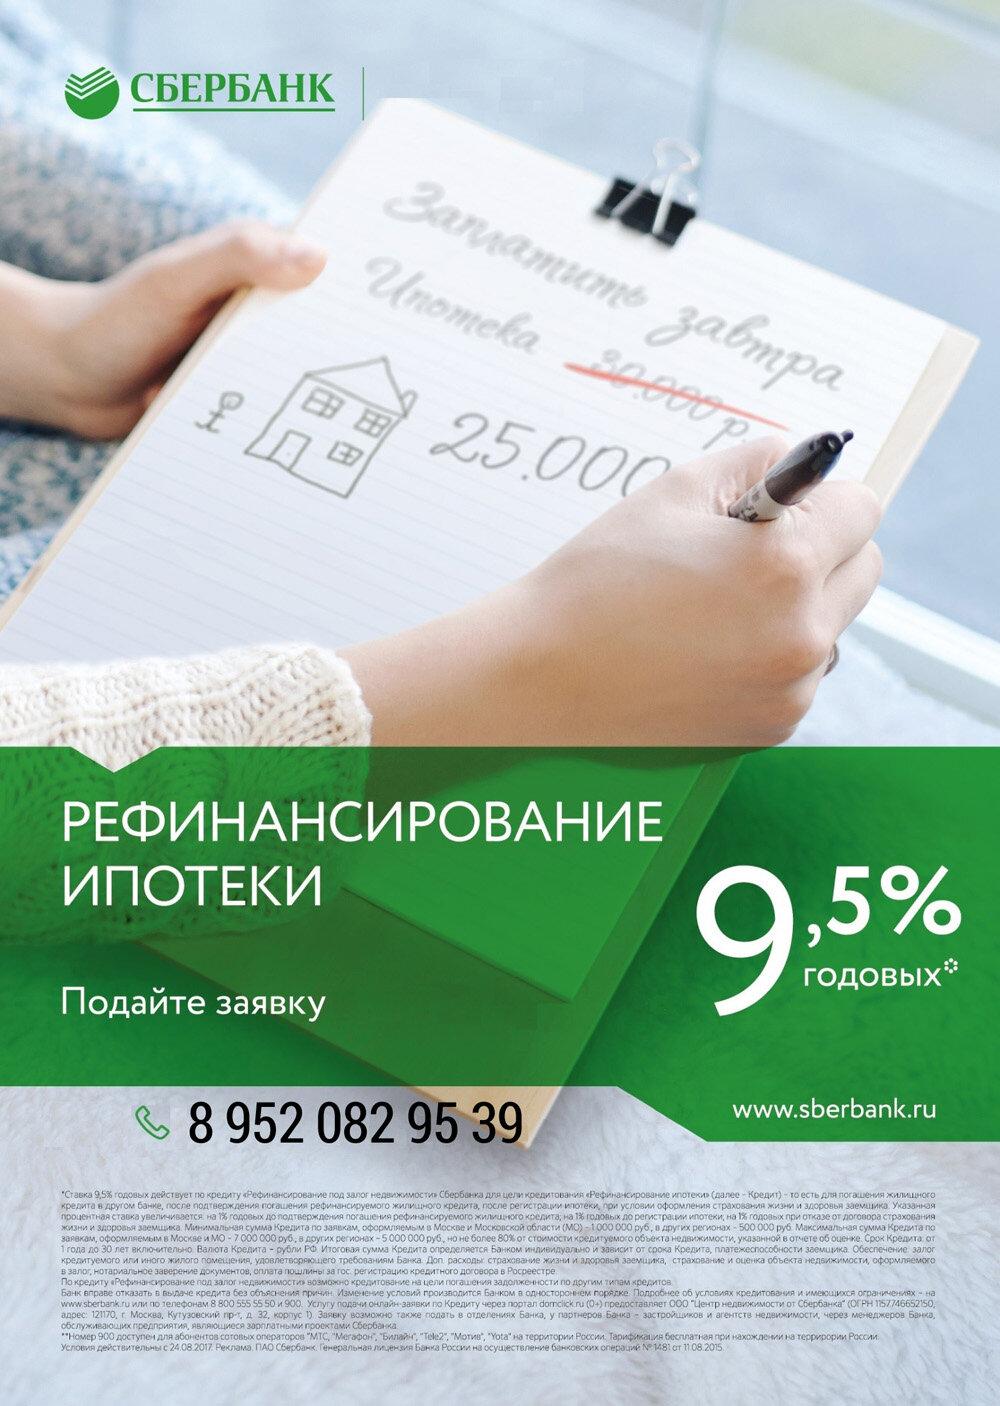 Рефинансирование кредитов - 69 кредитов под кредит, рефинансирование кредитов других банков без справки о доходах